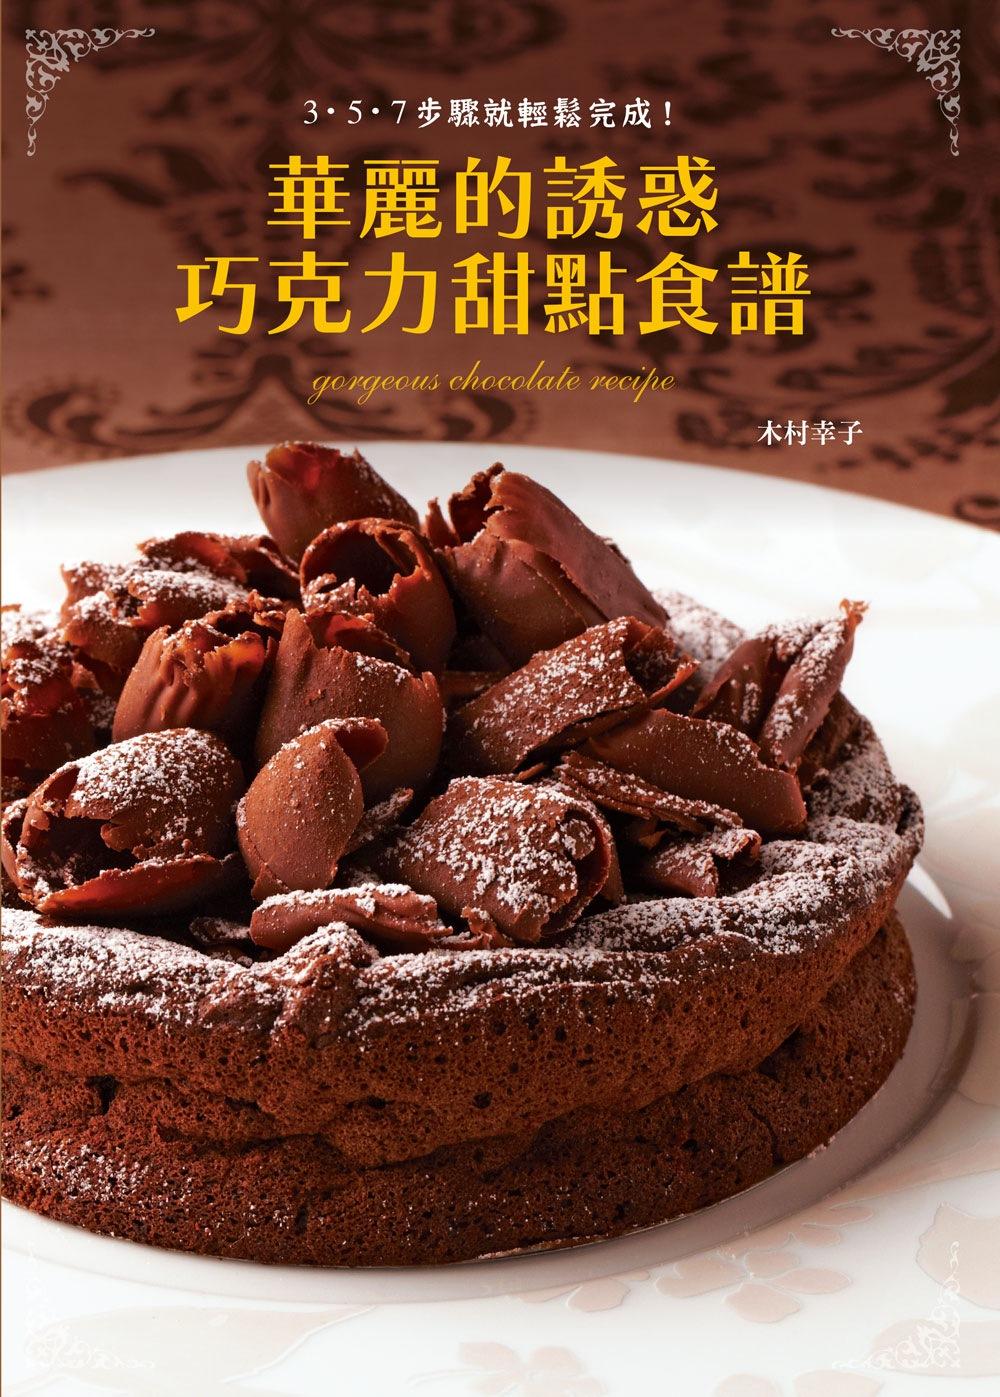 ◤博客來BOOKS◢ 暢銷書榜《推薦》華麗的誘惑 巧克力甜點食譜:獲金氏世界紀錄認定的甜點研究家,教你輕鬆做出豪華巧克力甜點!